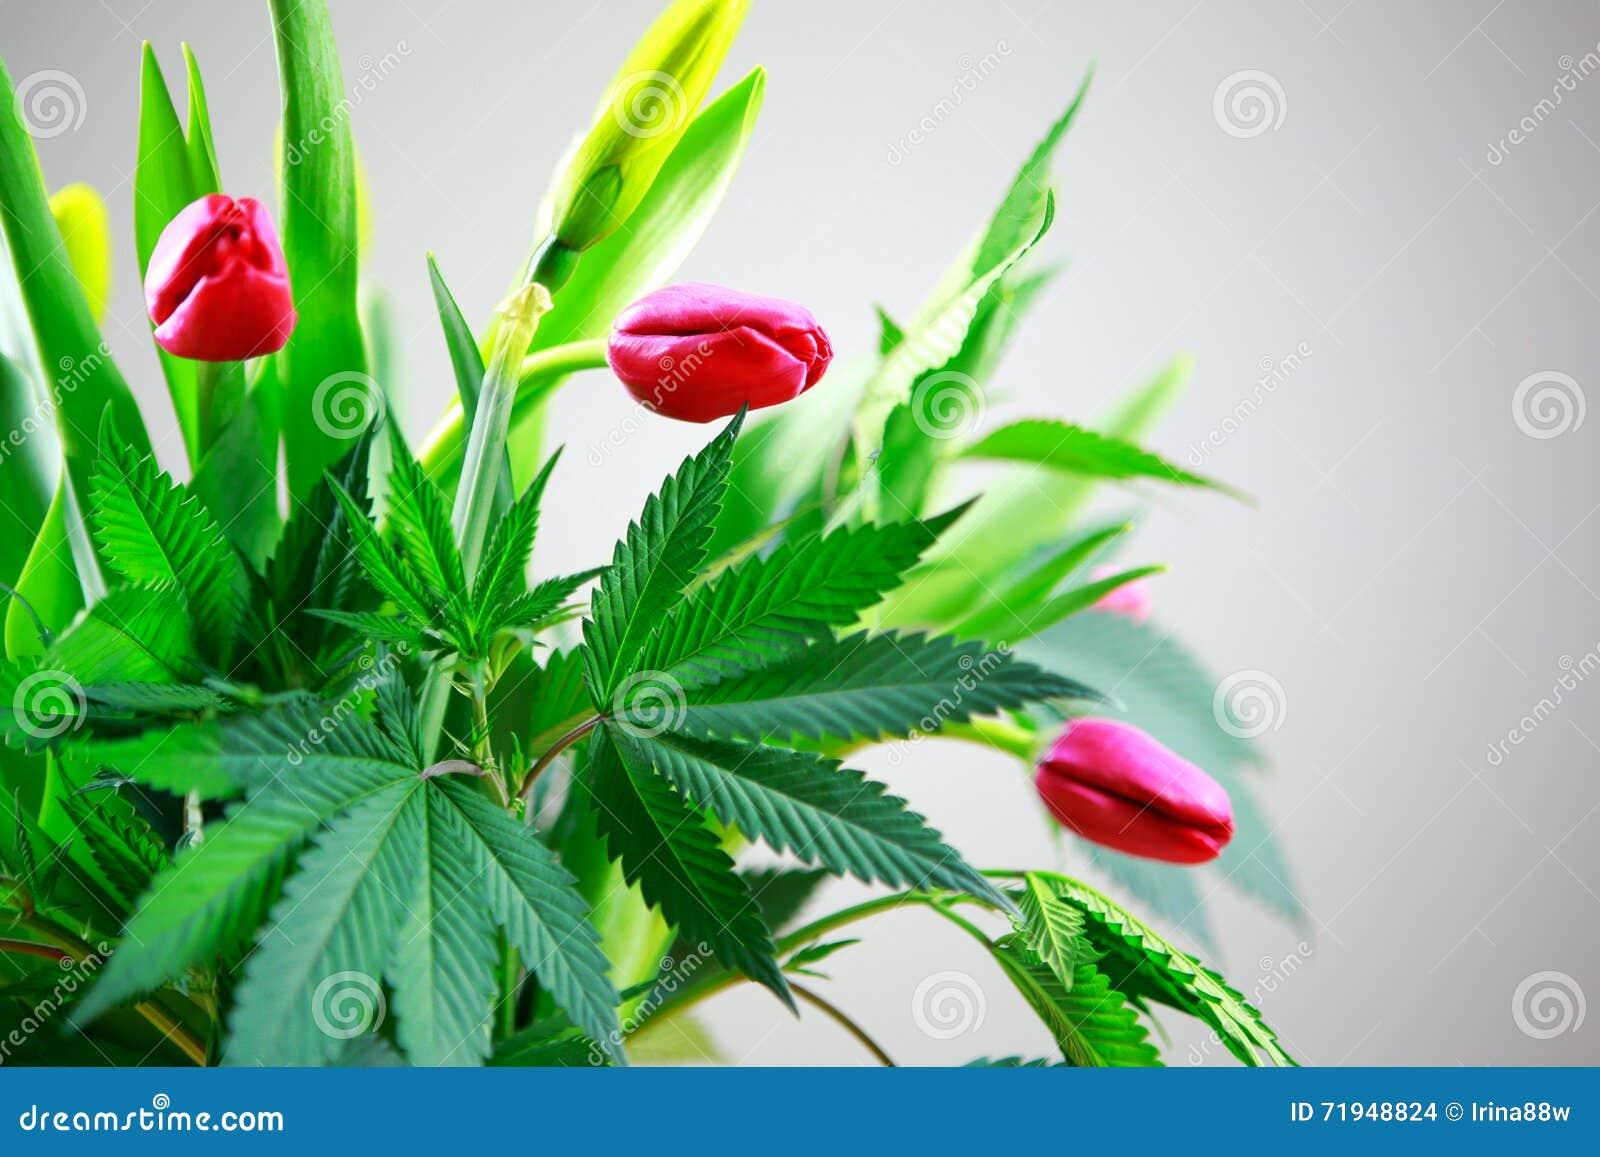 大麻绿色新鲜的大叶子(大麻), n的大麻植物